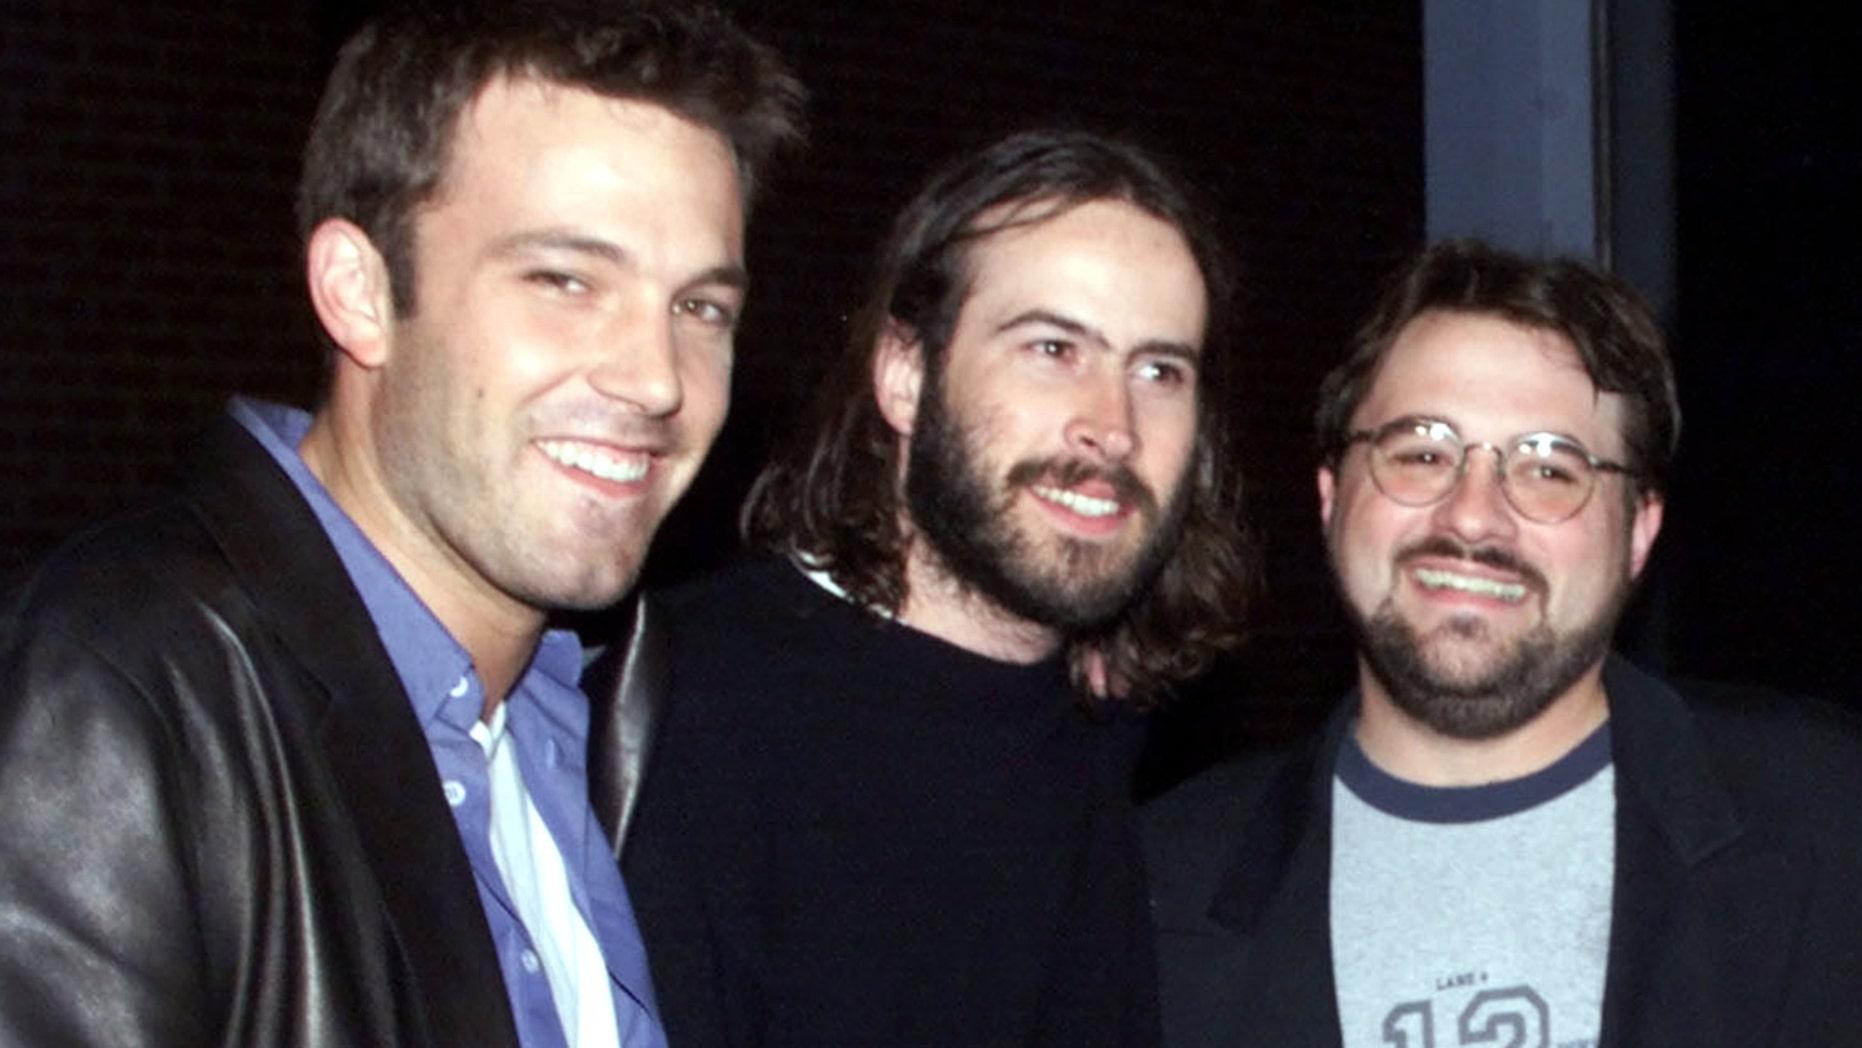 Ben Affleck, Jason Lee, director Kevin Smith pose on Nov. 9, 1999.